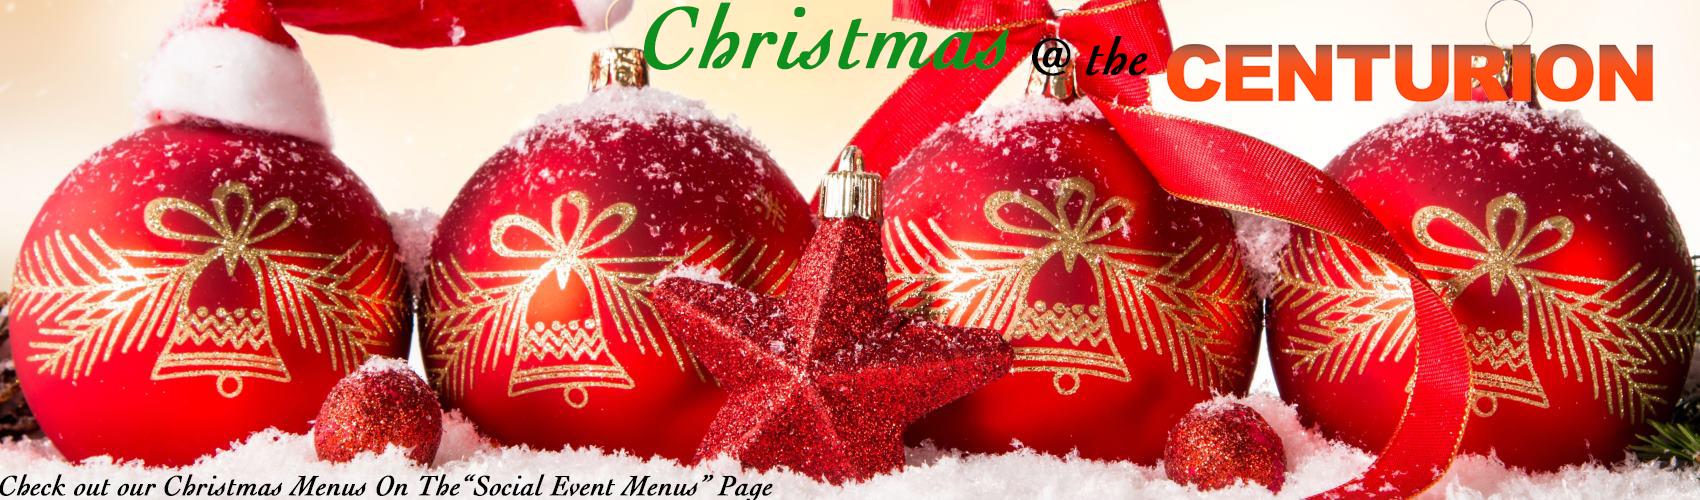 ornaments header